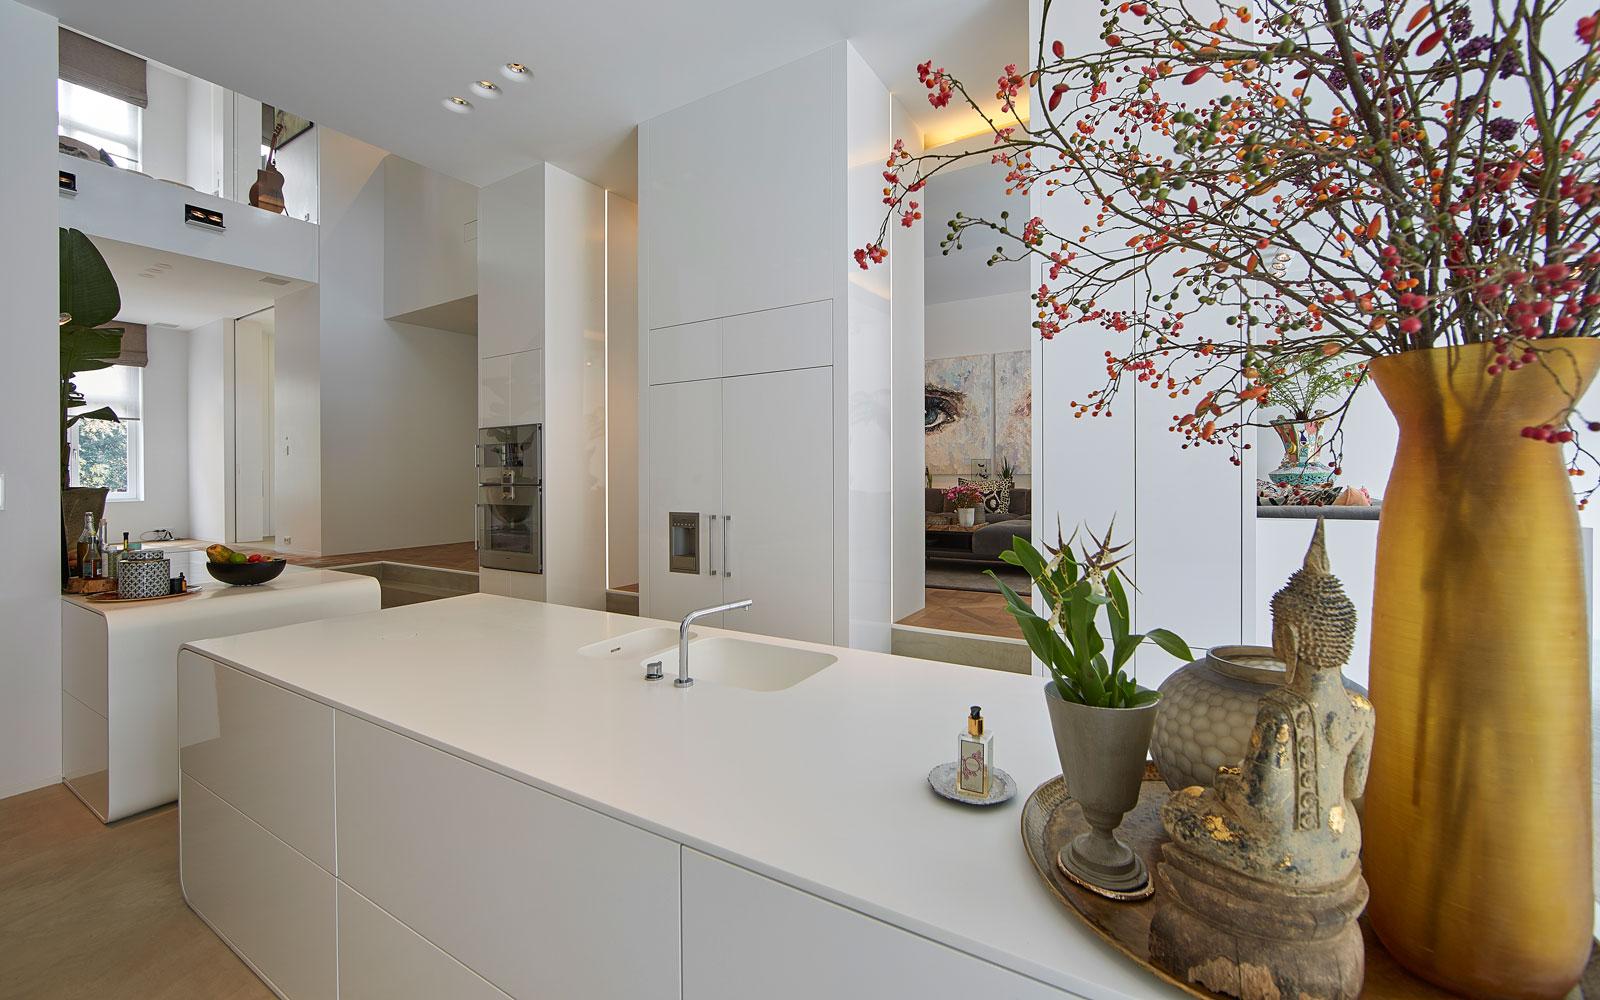 Keuken, kookeiland, strak, wit, kraan VOLA, ruimtelijk, Ferrari, grachtenpand, Bart van Wijk